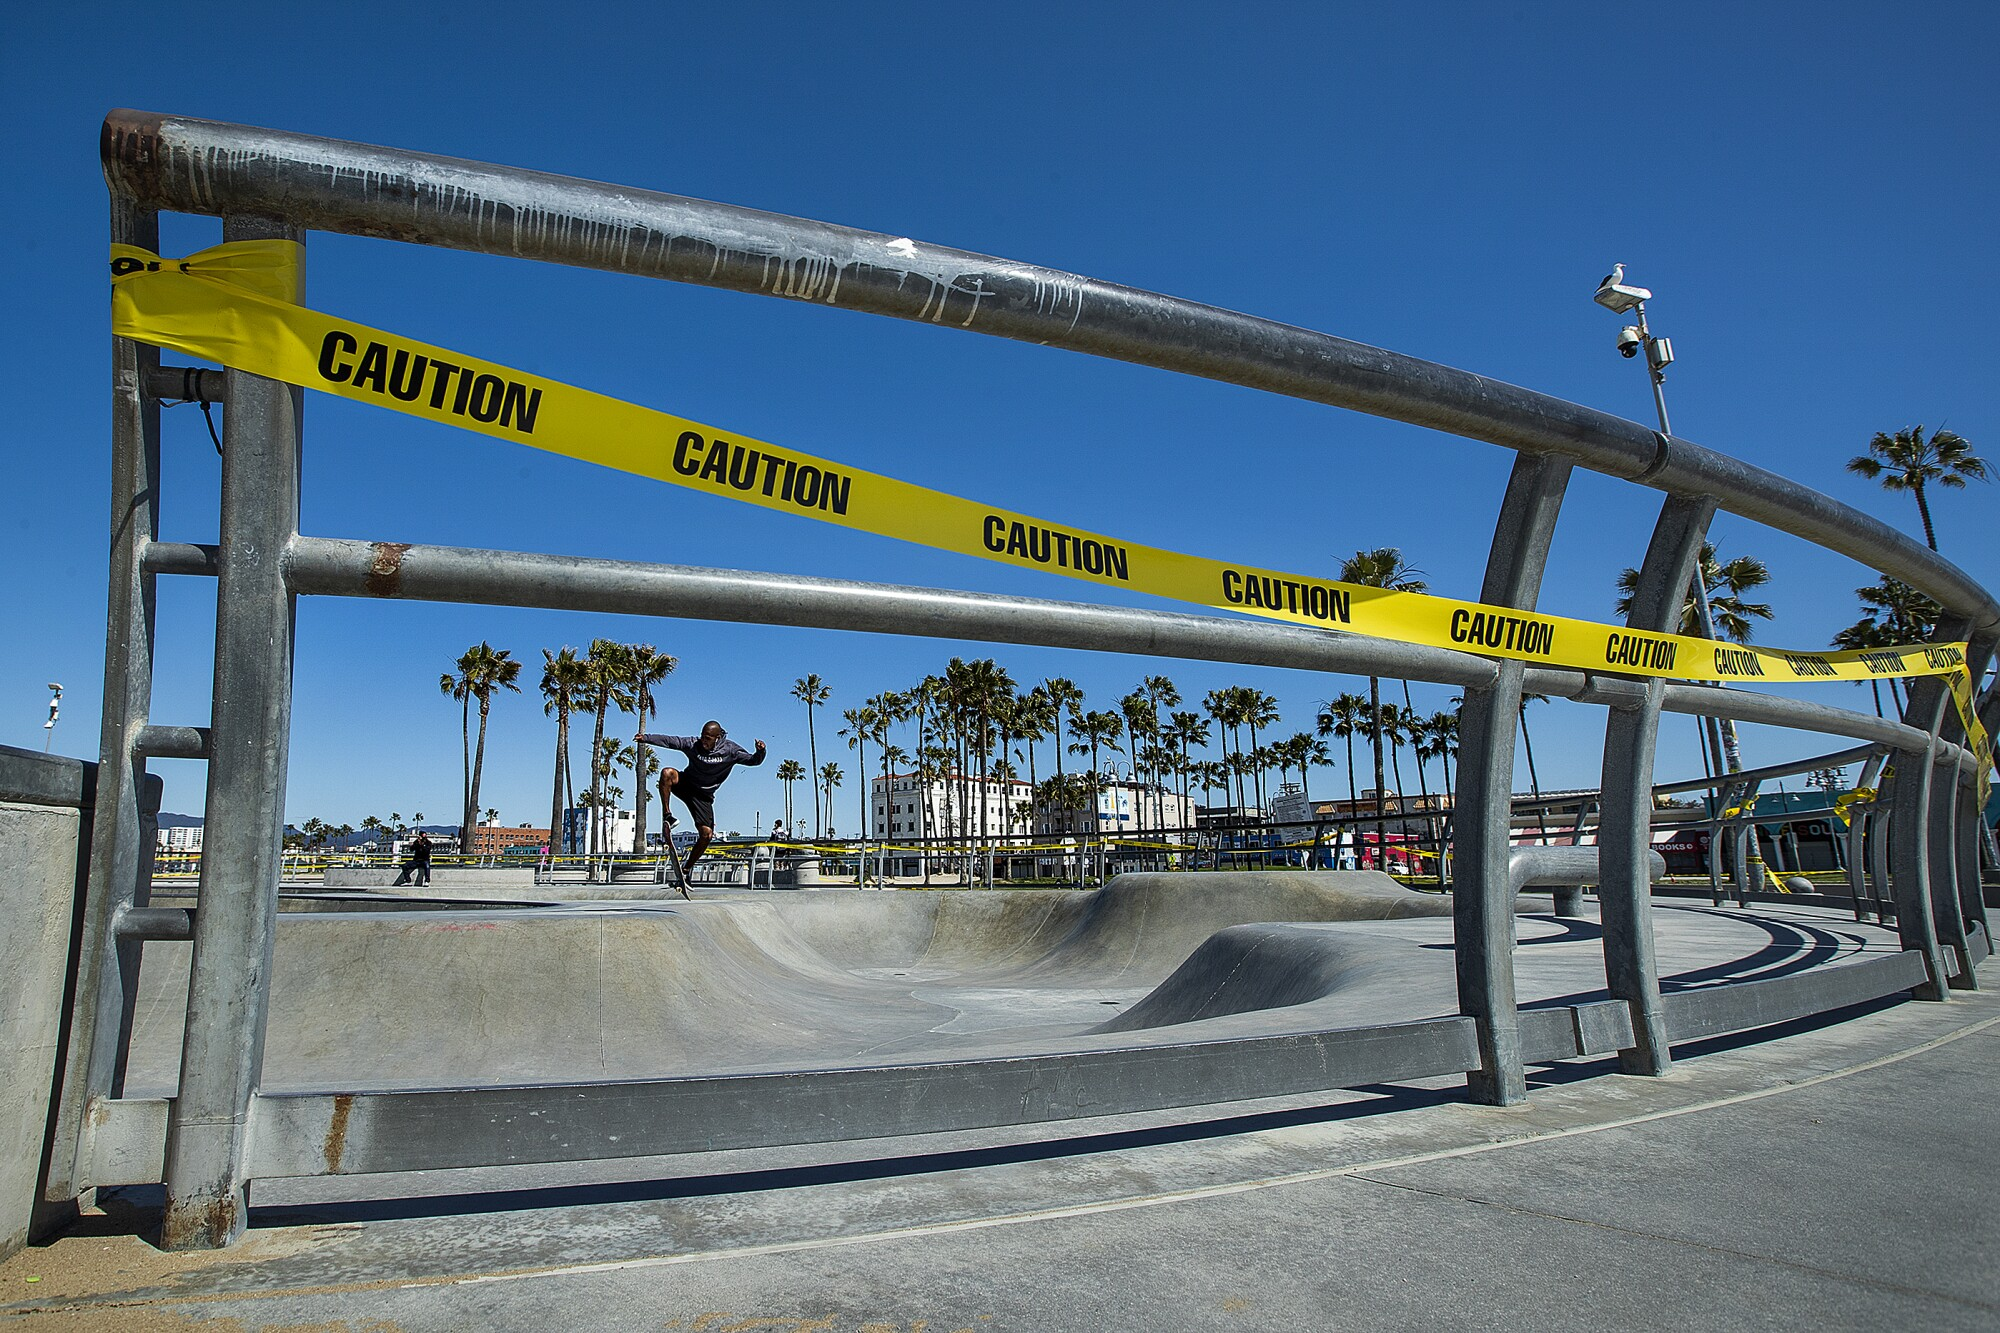 Skatepark at Venice Beach